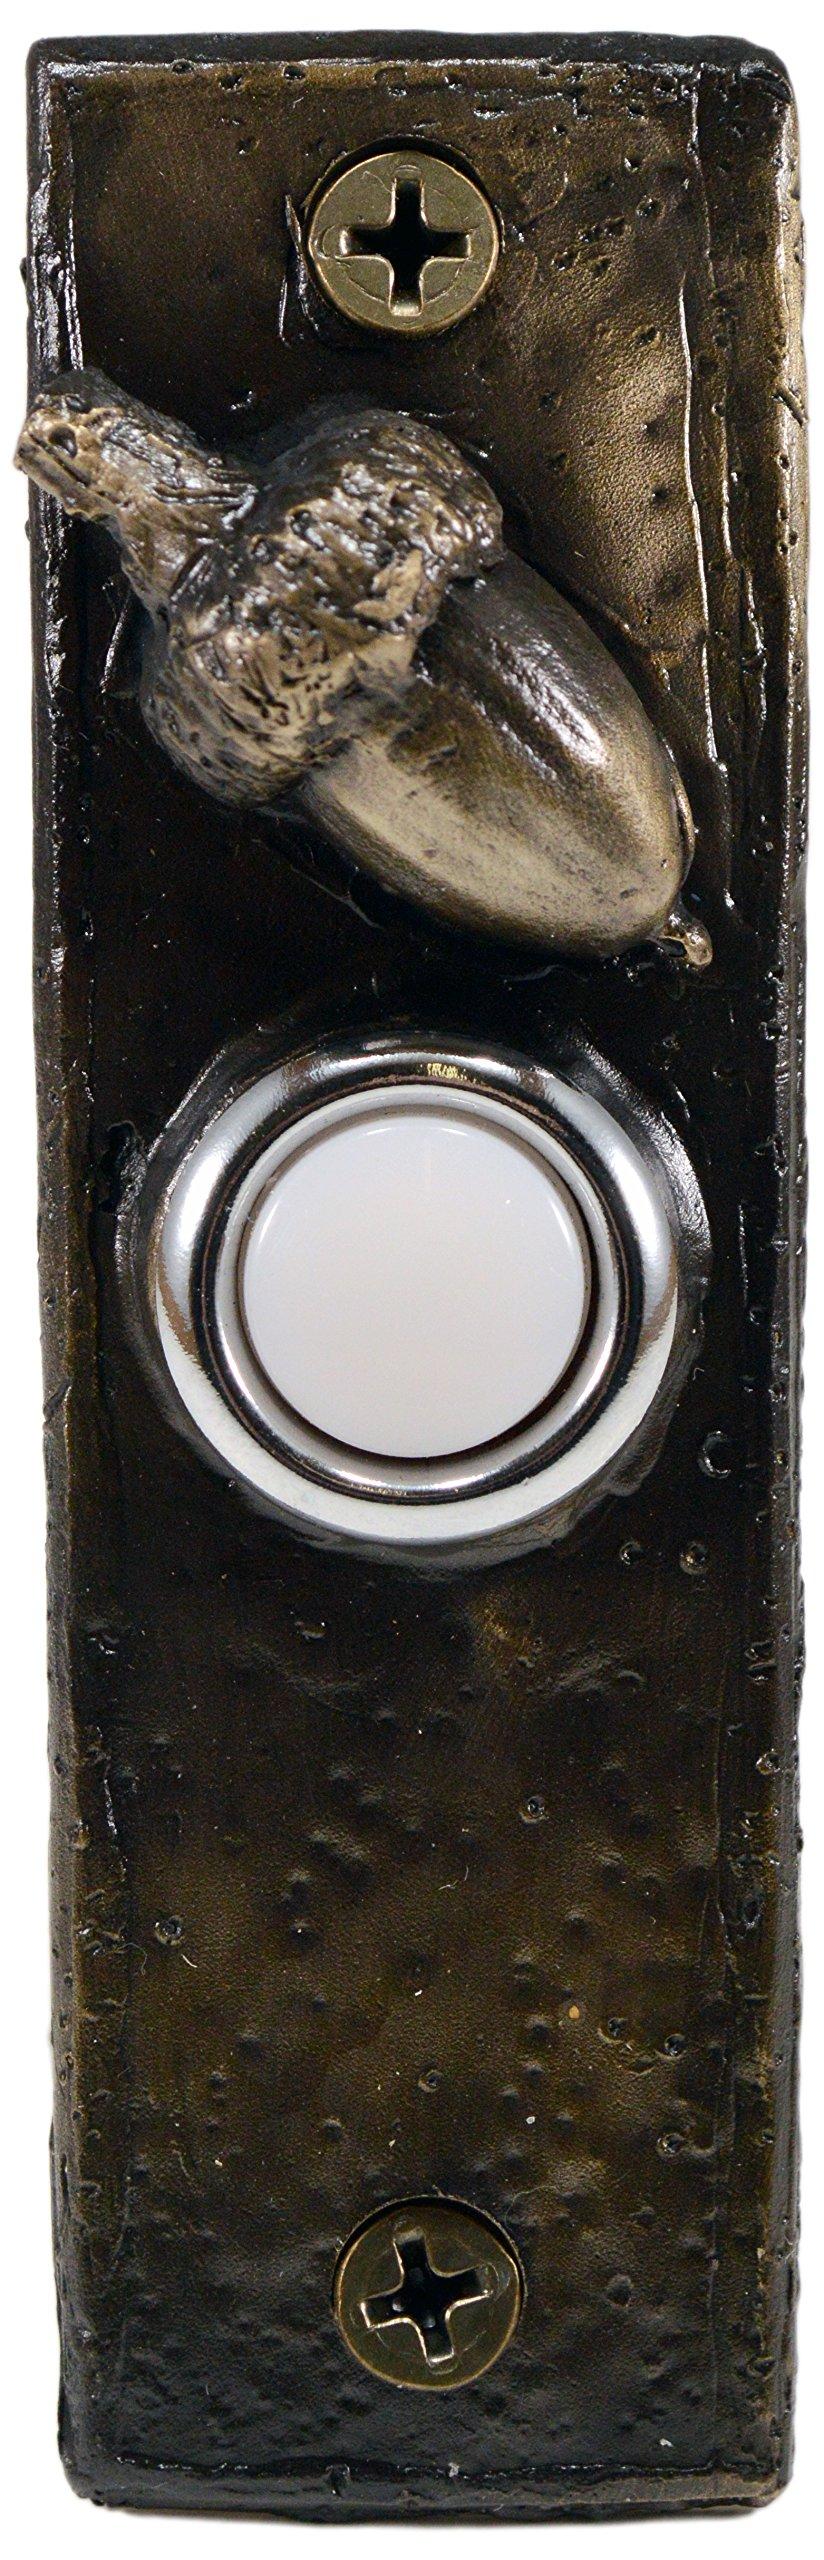 TimberBronze53 Slim with Acorn Doorbell Button, Basic Patina